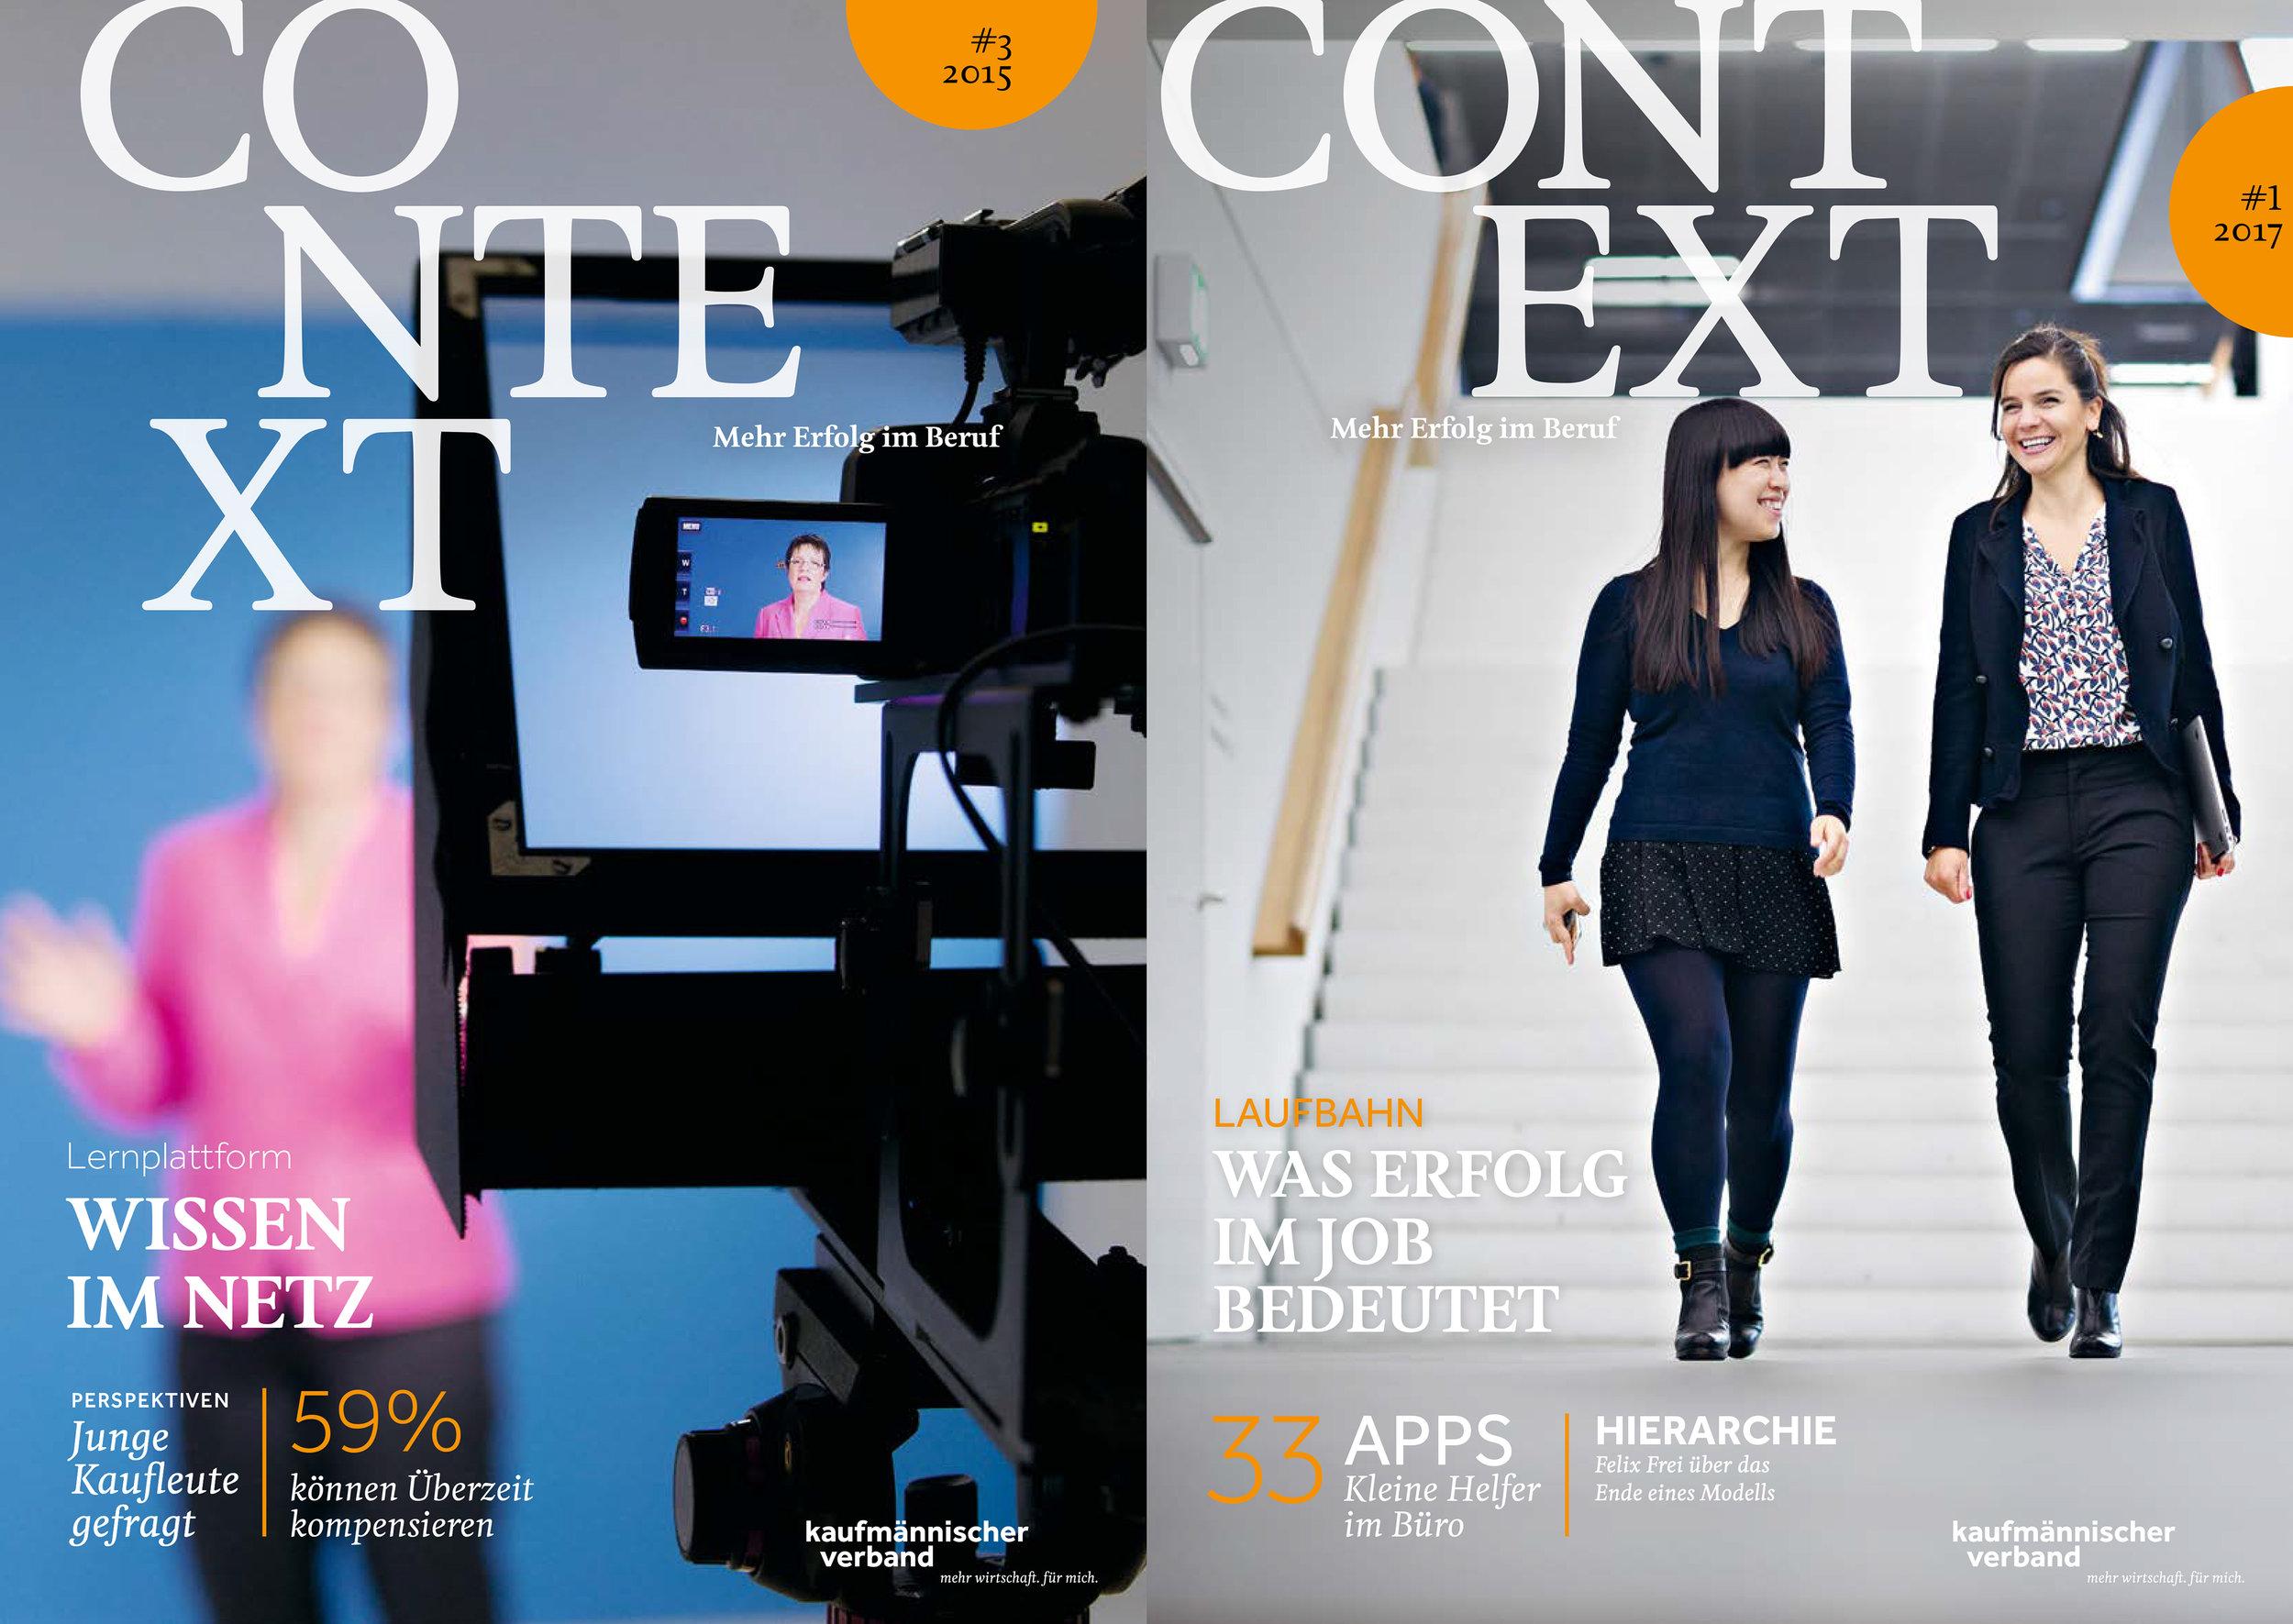 dok-context-DE-3-2015-1 Kopie.jpg